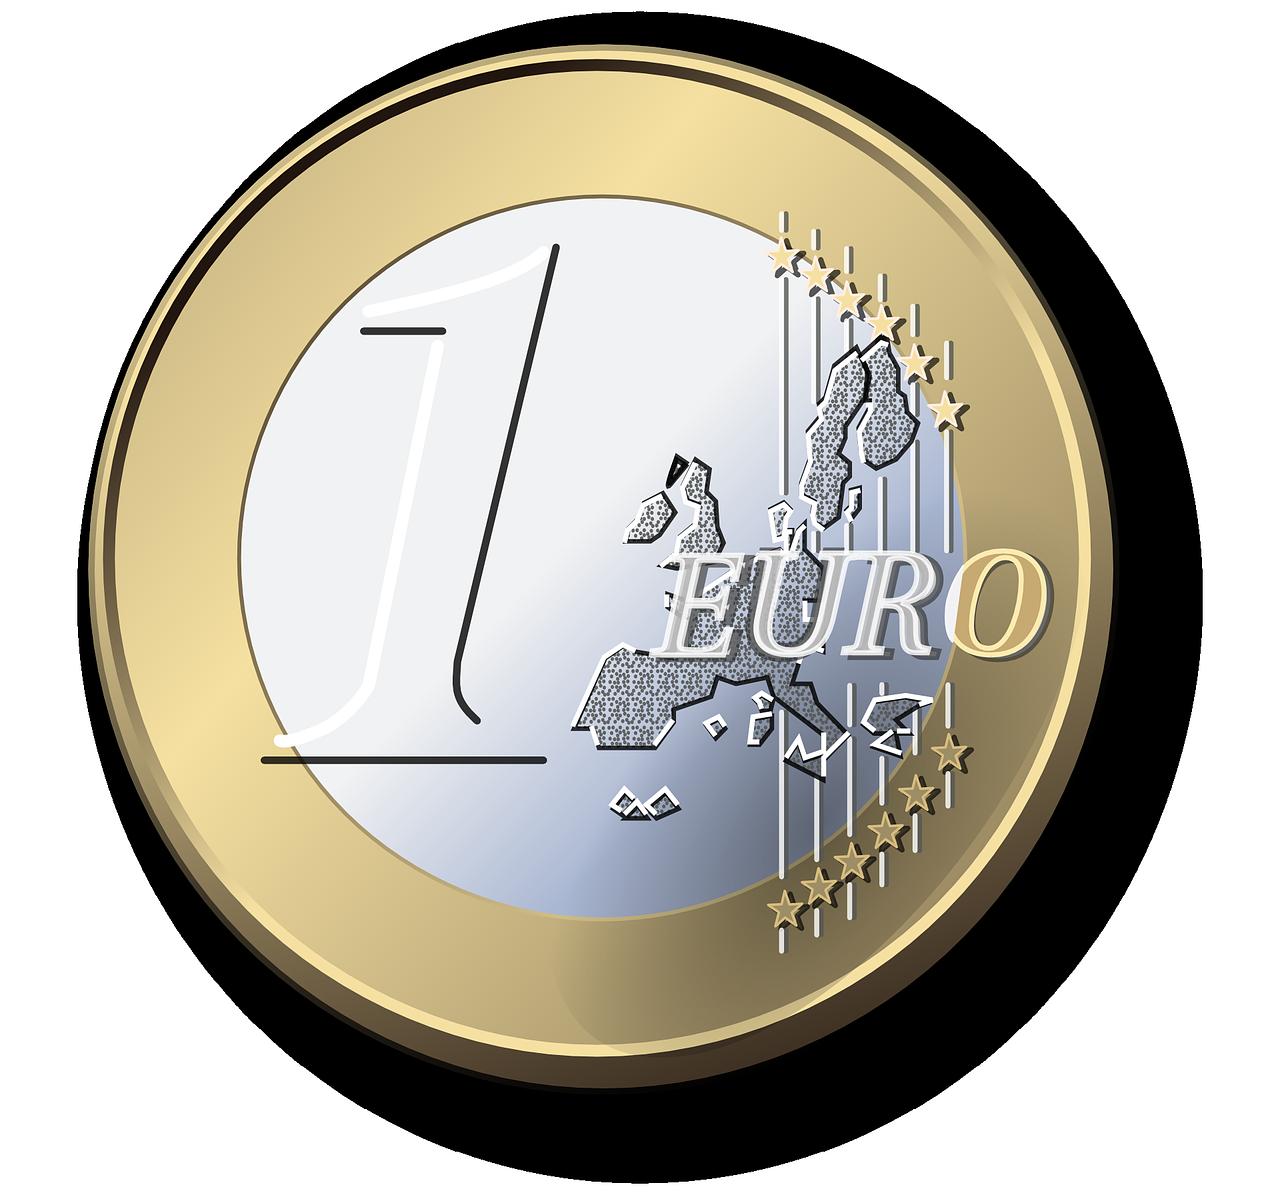 valores que cotizan por menos de 1 euro fondos de inversi n. Black Bedroom Furniture Sets. Home Design Ideas